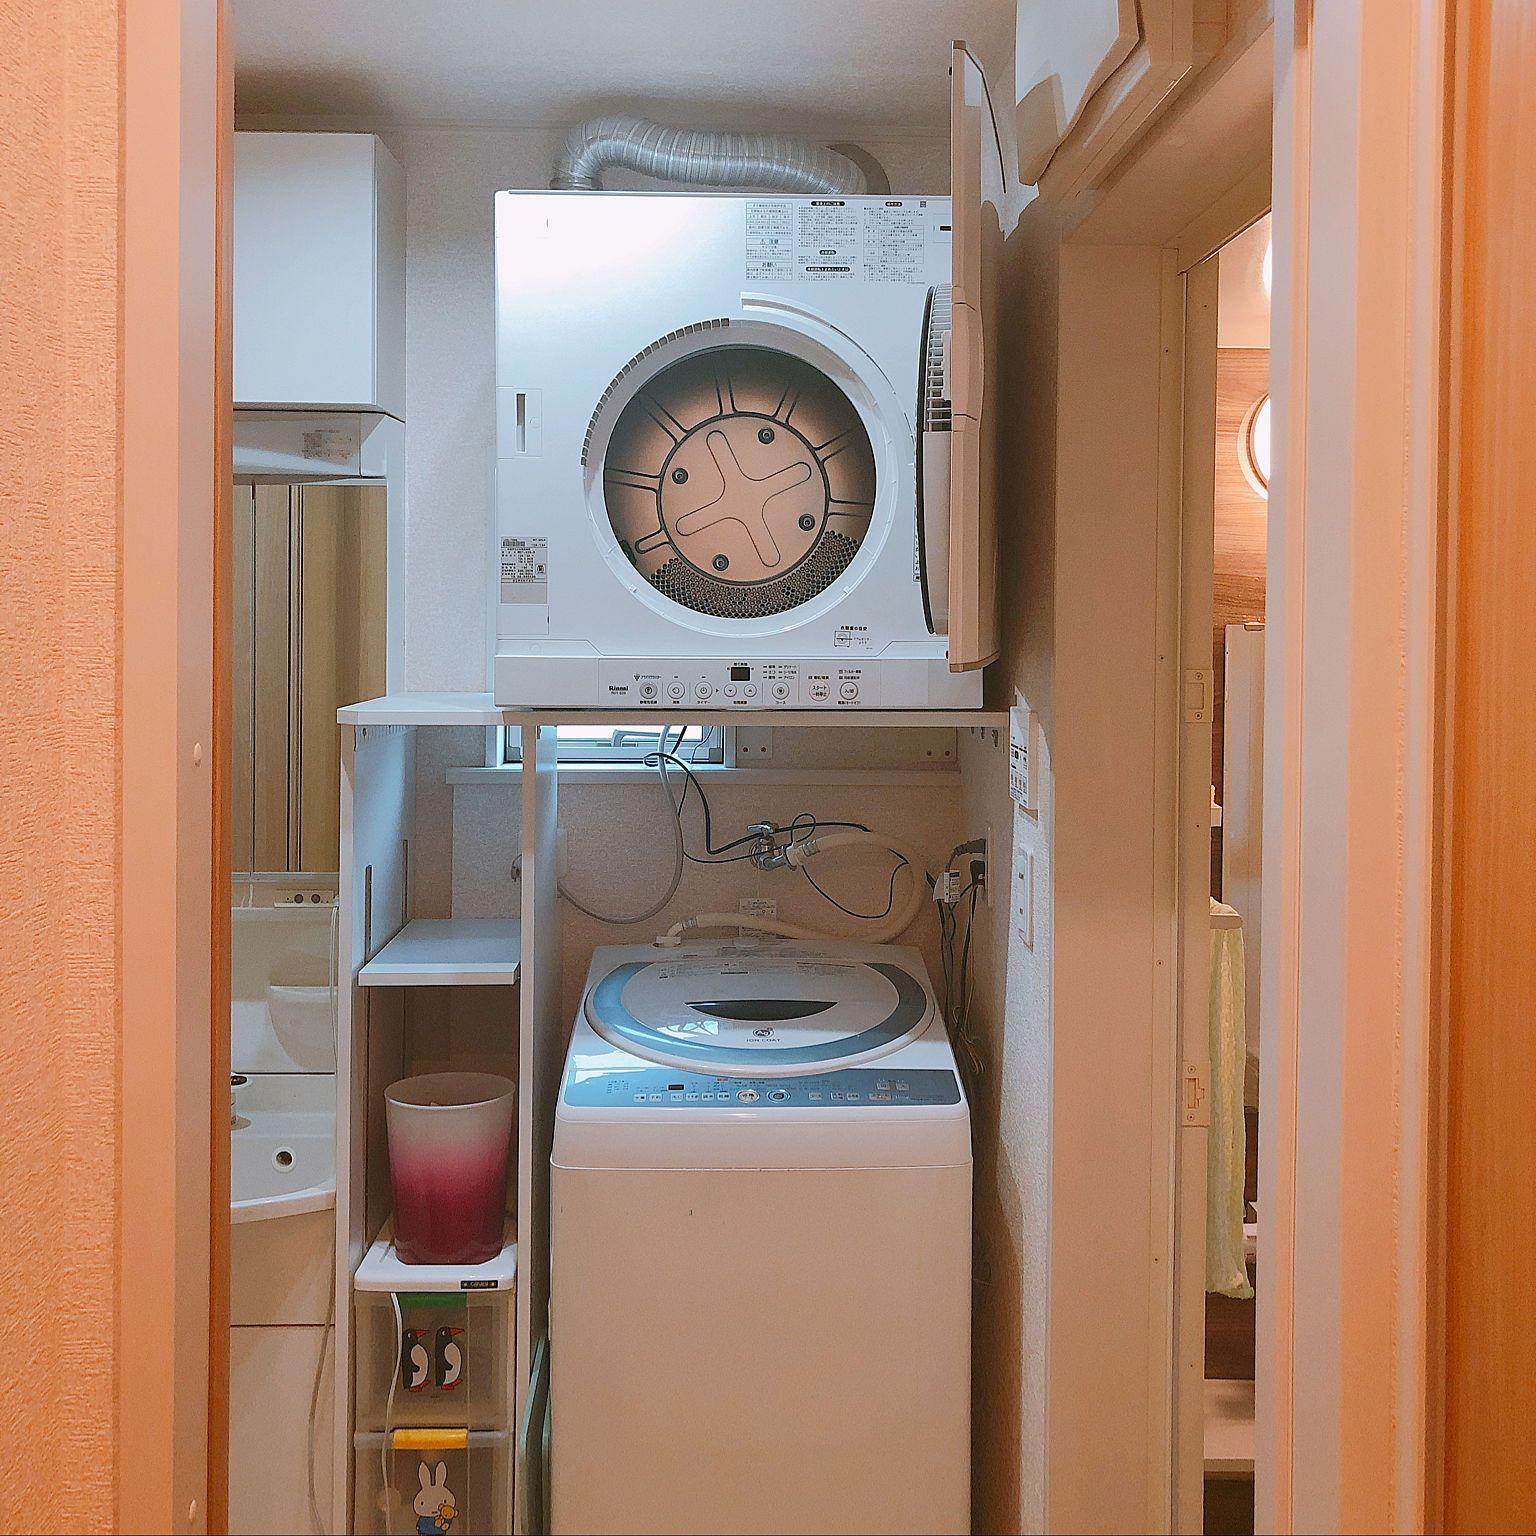 バス トイレ ガス乾燥機 乾太くんのインテリア実例 2018 06 28 07 16